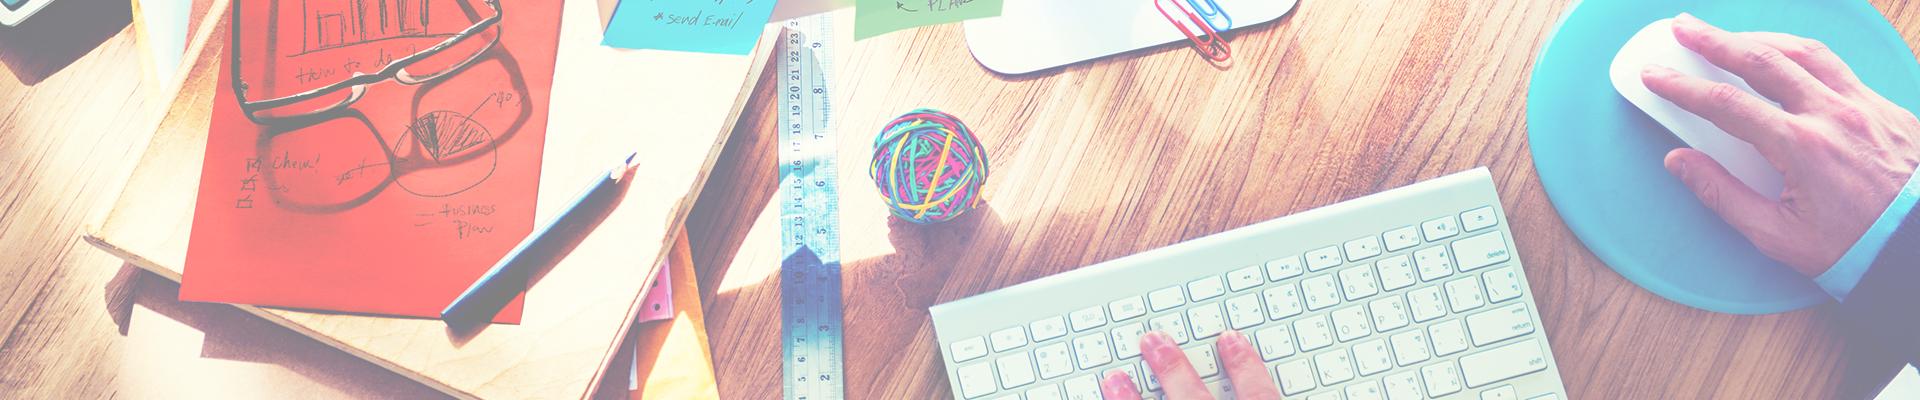 画像:Instagramを使って 商品・お店・スポットをPR!